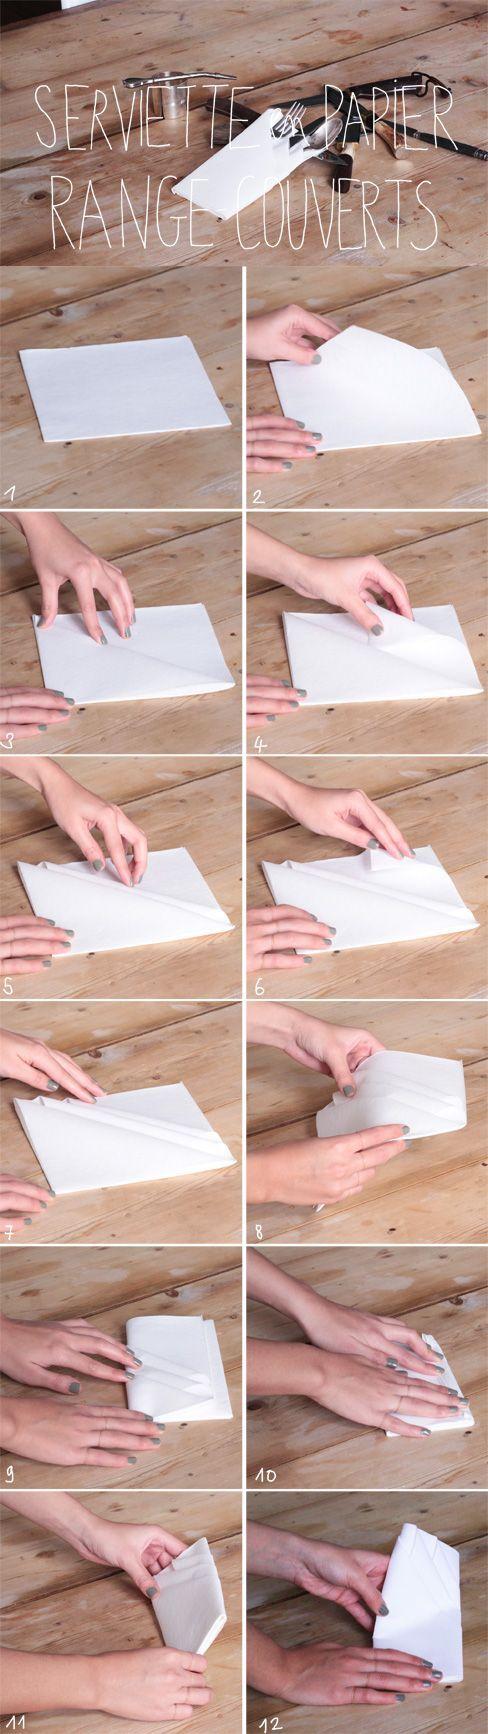 Pliage Serviette Papier Avec Couverts pliage serviette range couvert : découvrez notre pliage de